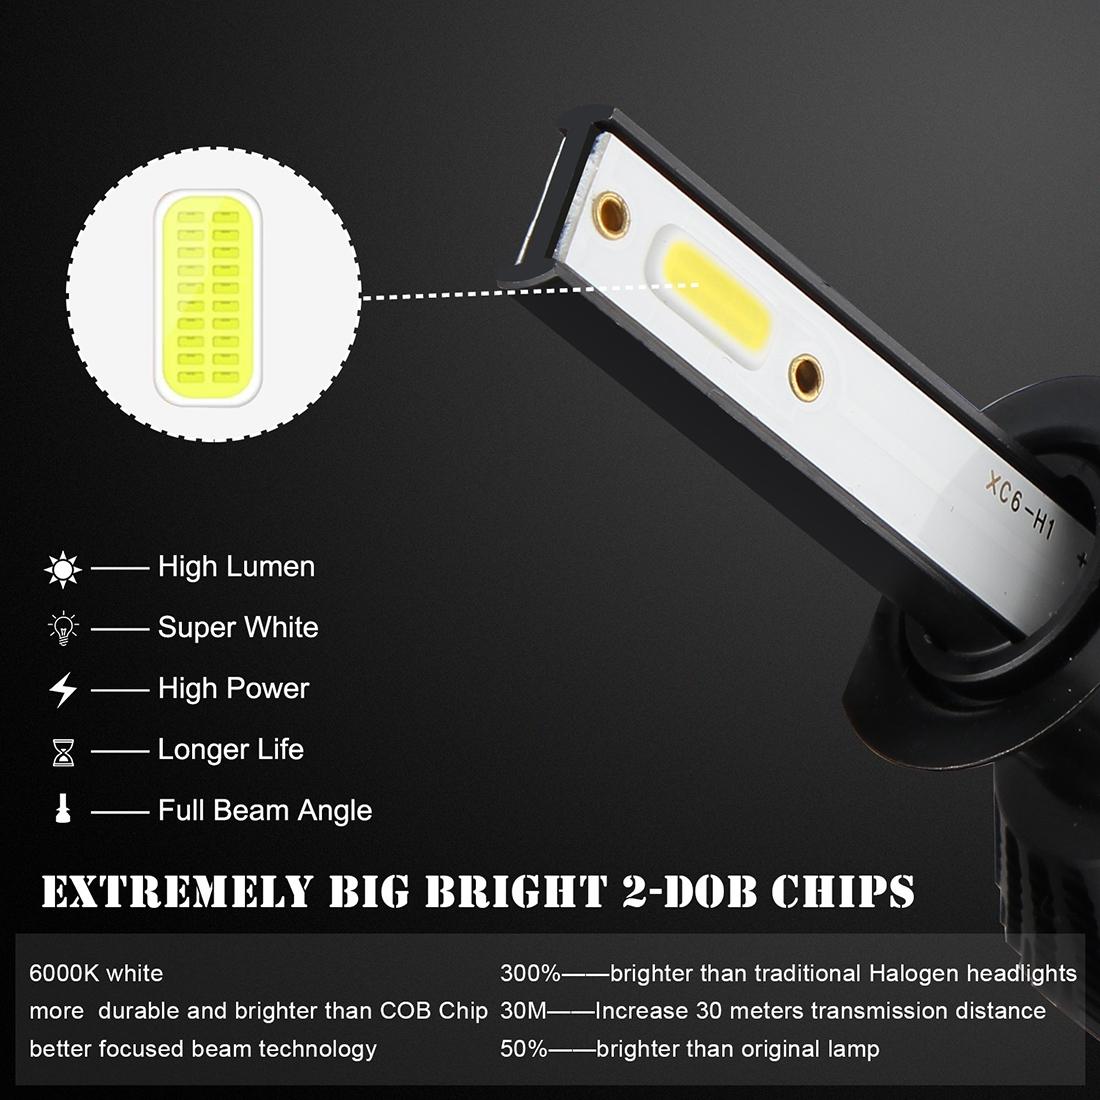 2 PCS EV7 H1 DC 9-32V 36W 3000LM 6000K IP67 LED Car Headlight Lamps, with Mini LED Driver and Cable (White Light)